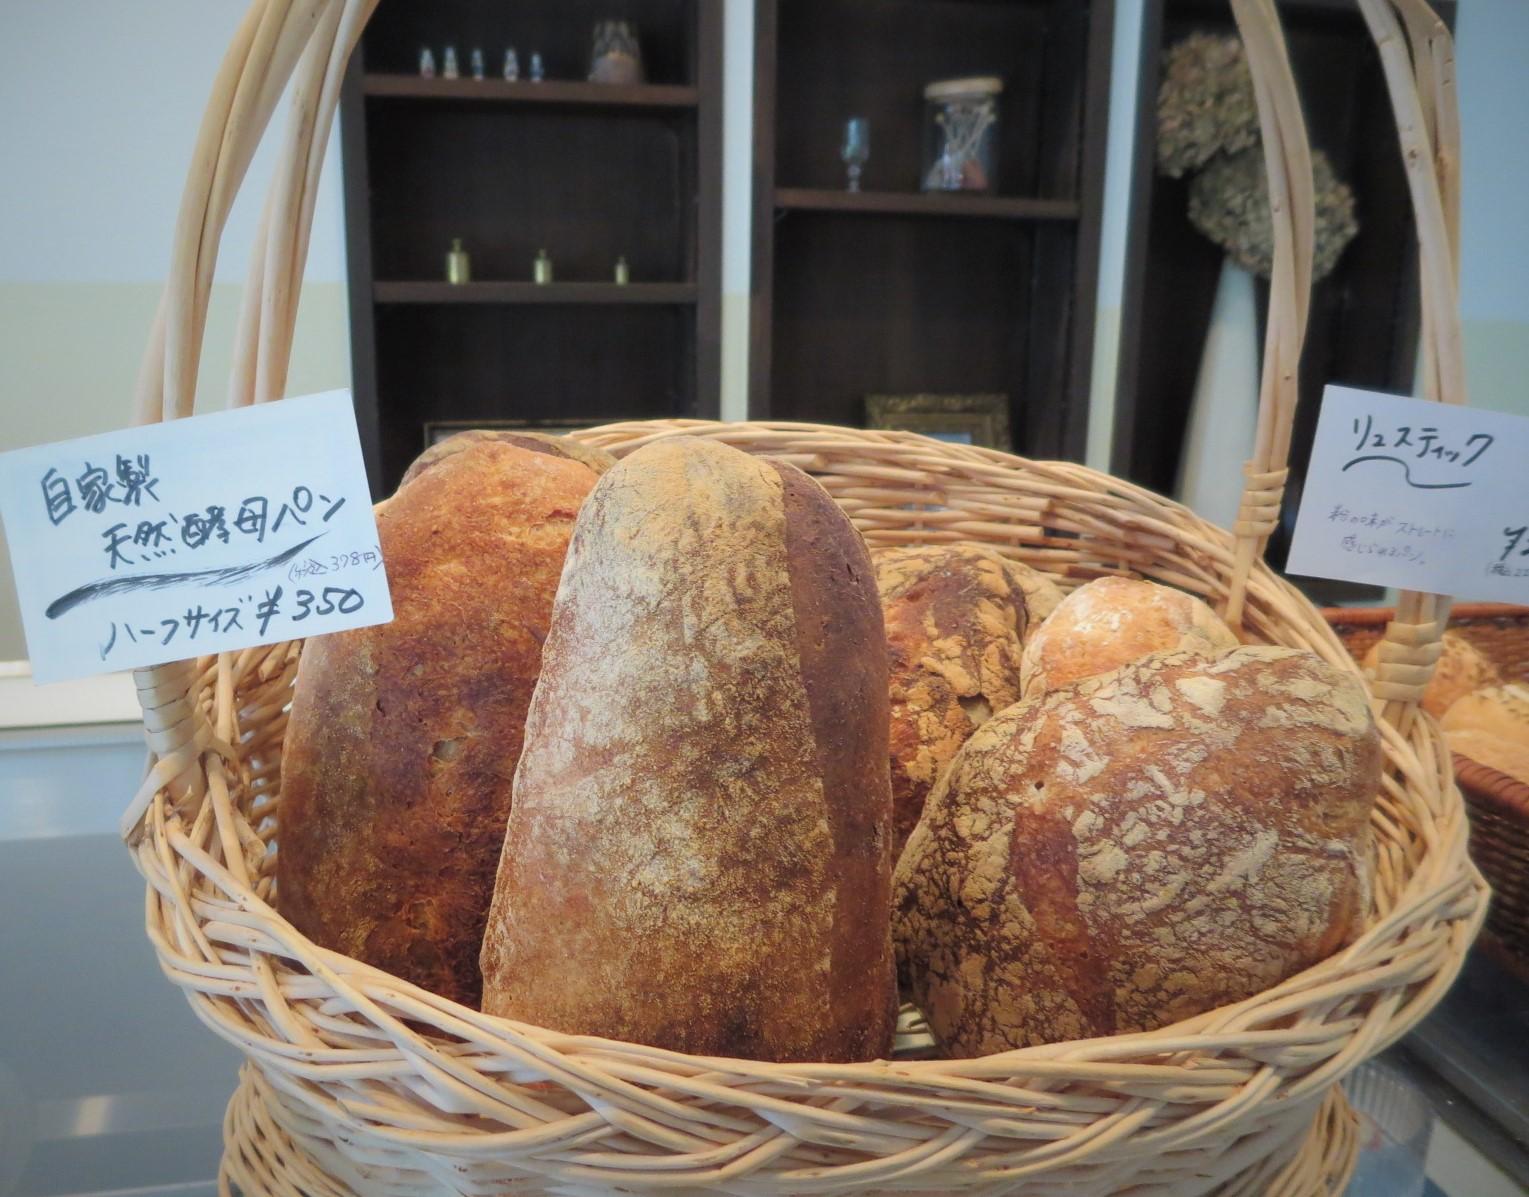 ル・シャモイーヴルのパン屋さん♪ <閉店>_f0236260_2382041.jpg